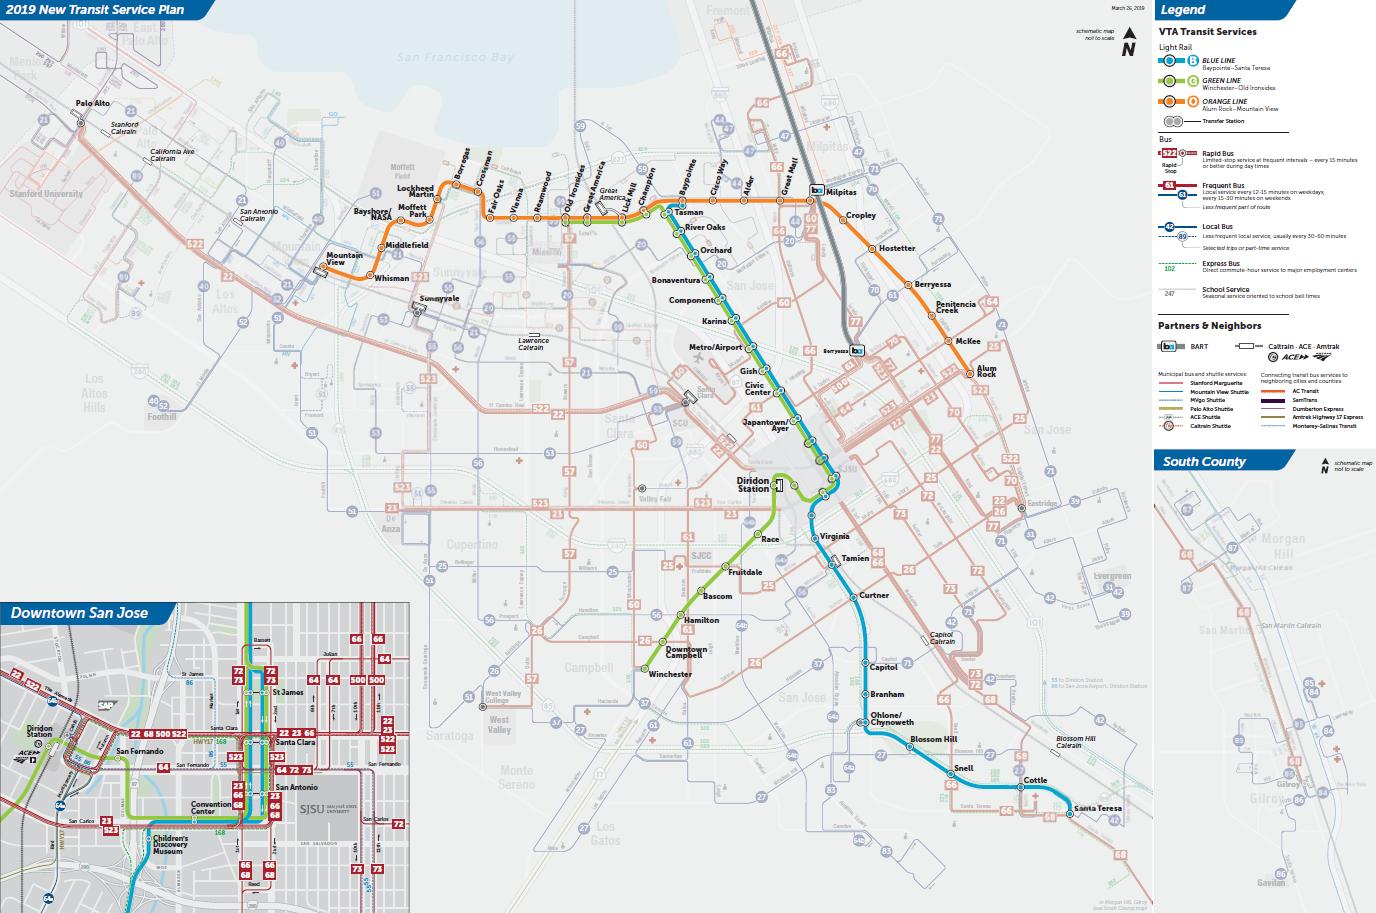 Bản đồ Tuyến Xe điện của Kế hoạch Dịch vụ Vận chuyển mới 2019 Chính thức  (PDF)